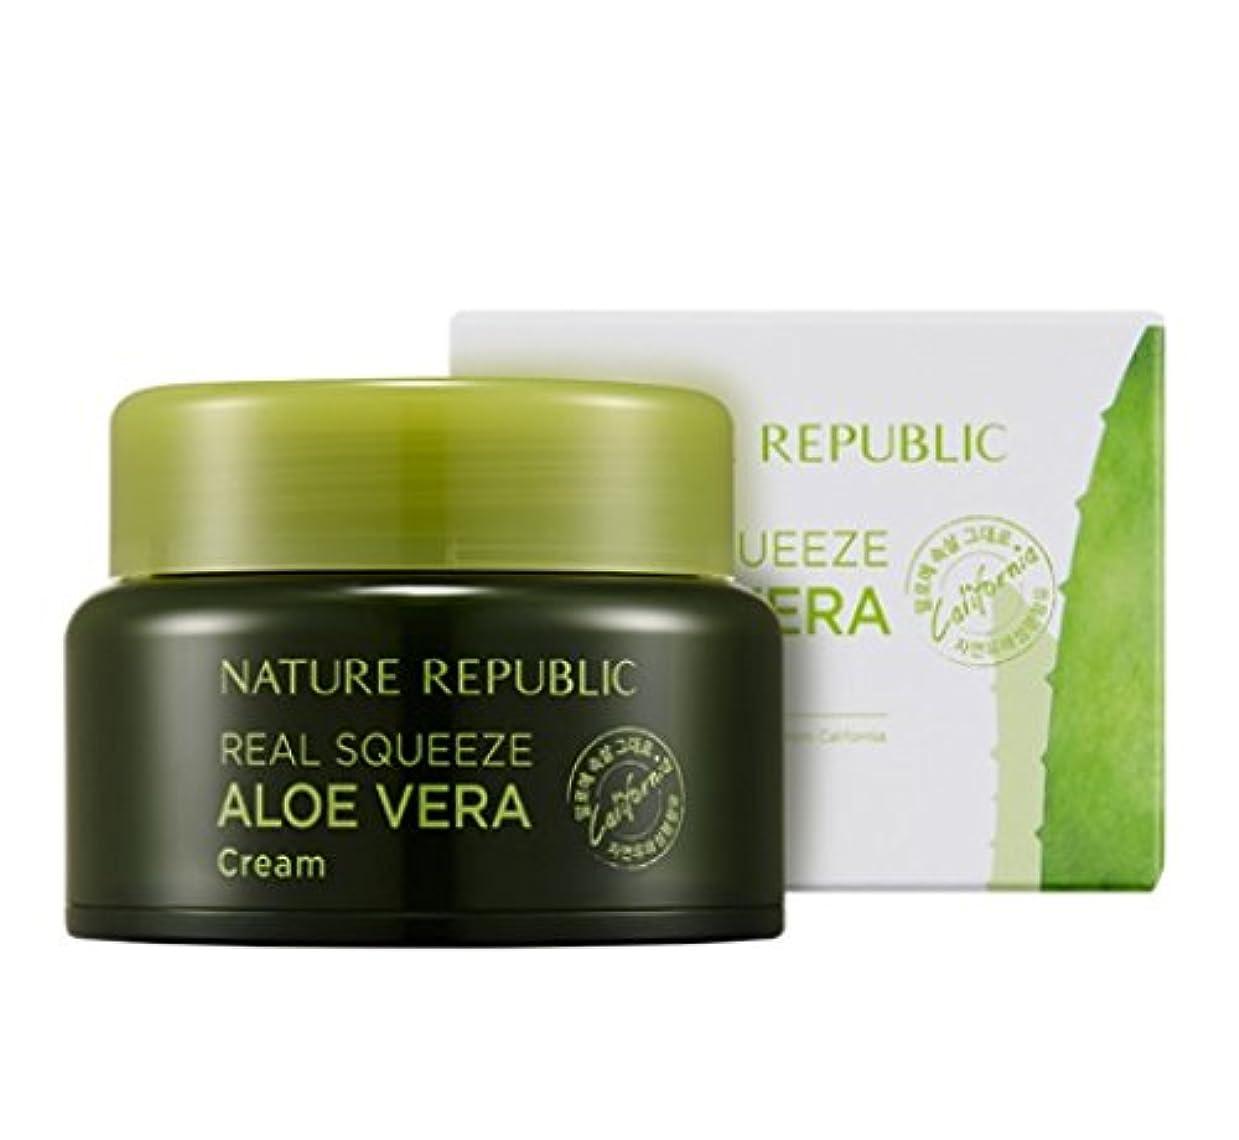 背景お手入れ浸す[Nature Republic]ネイチャーリパブリック[Real Squeeze Aloe Vera Cream](リアルスクィーズアロエベラクリーム) [並行輸入品]